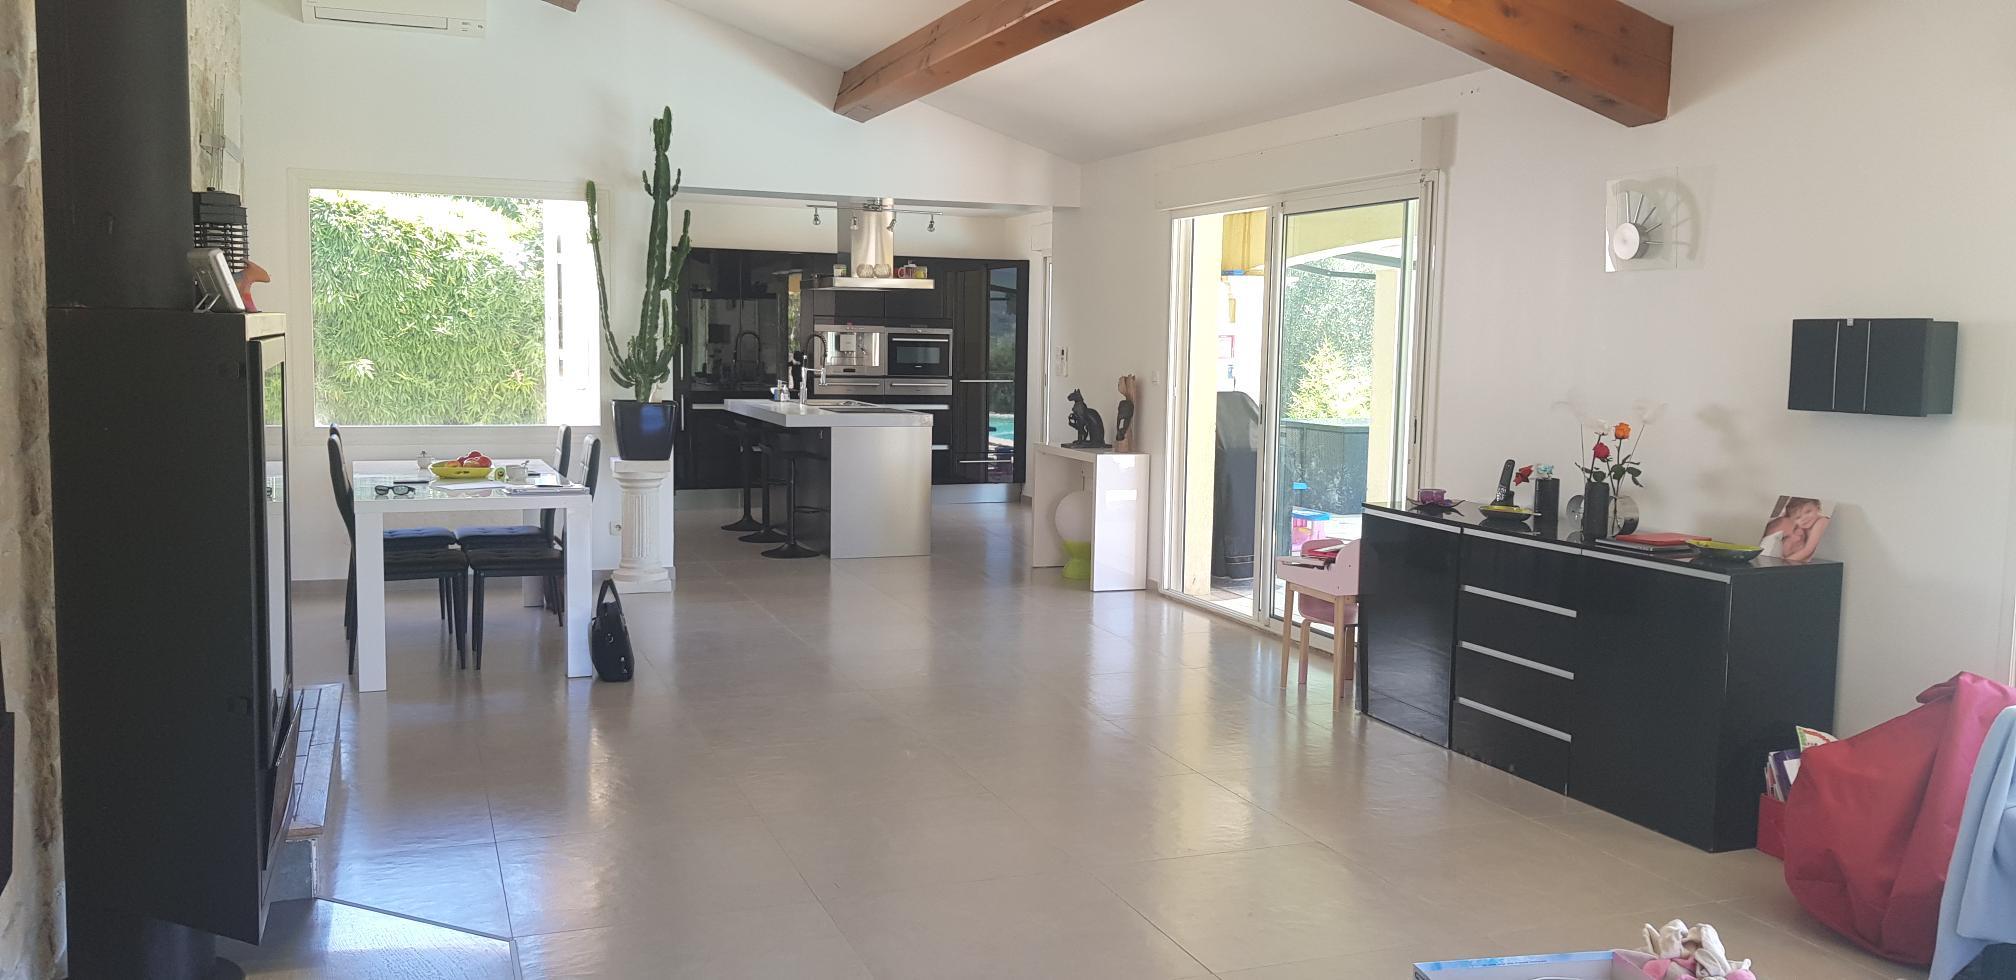 Image_4, Maison / villa, Le Beausset, ref :3141